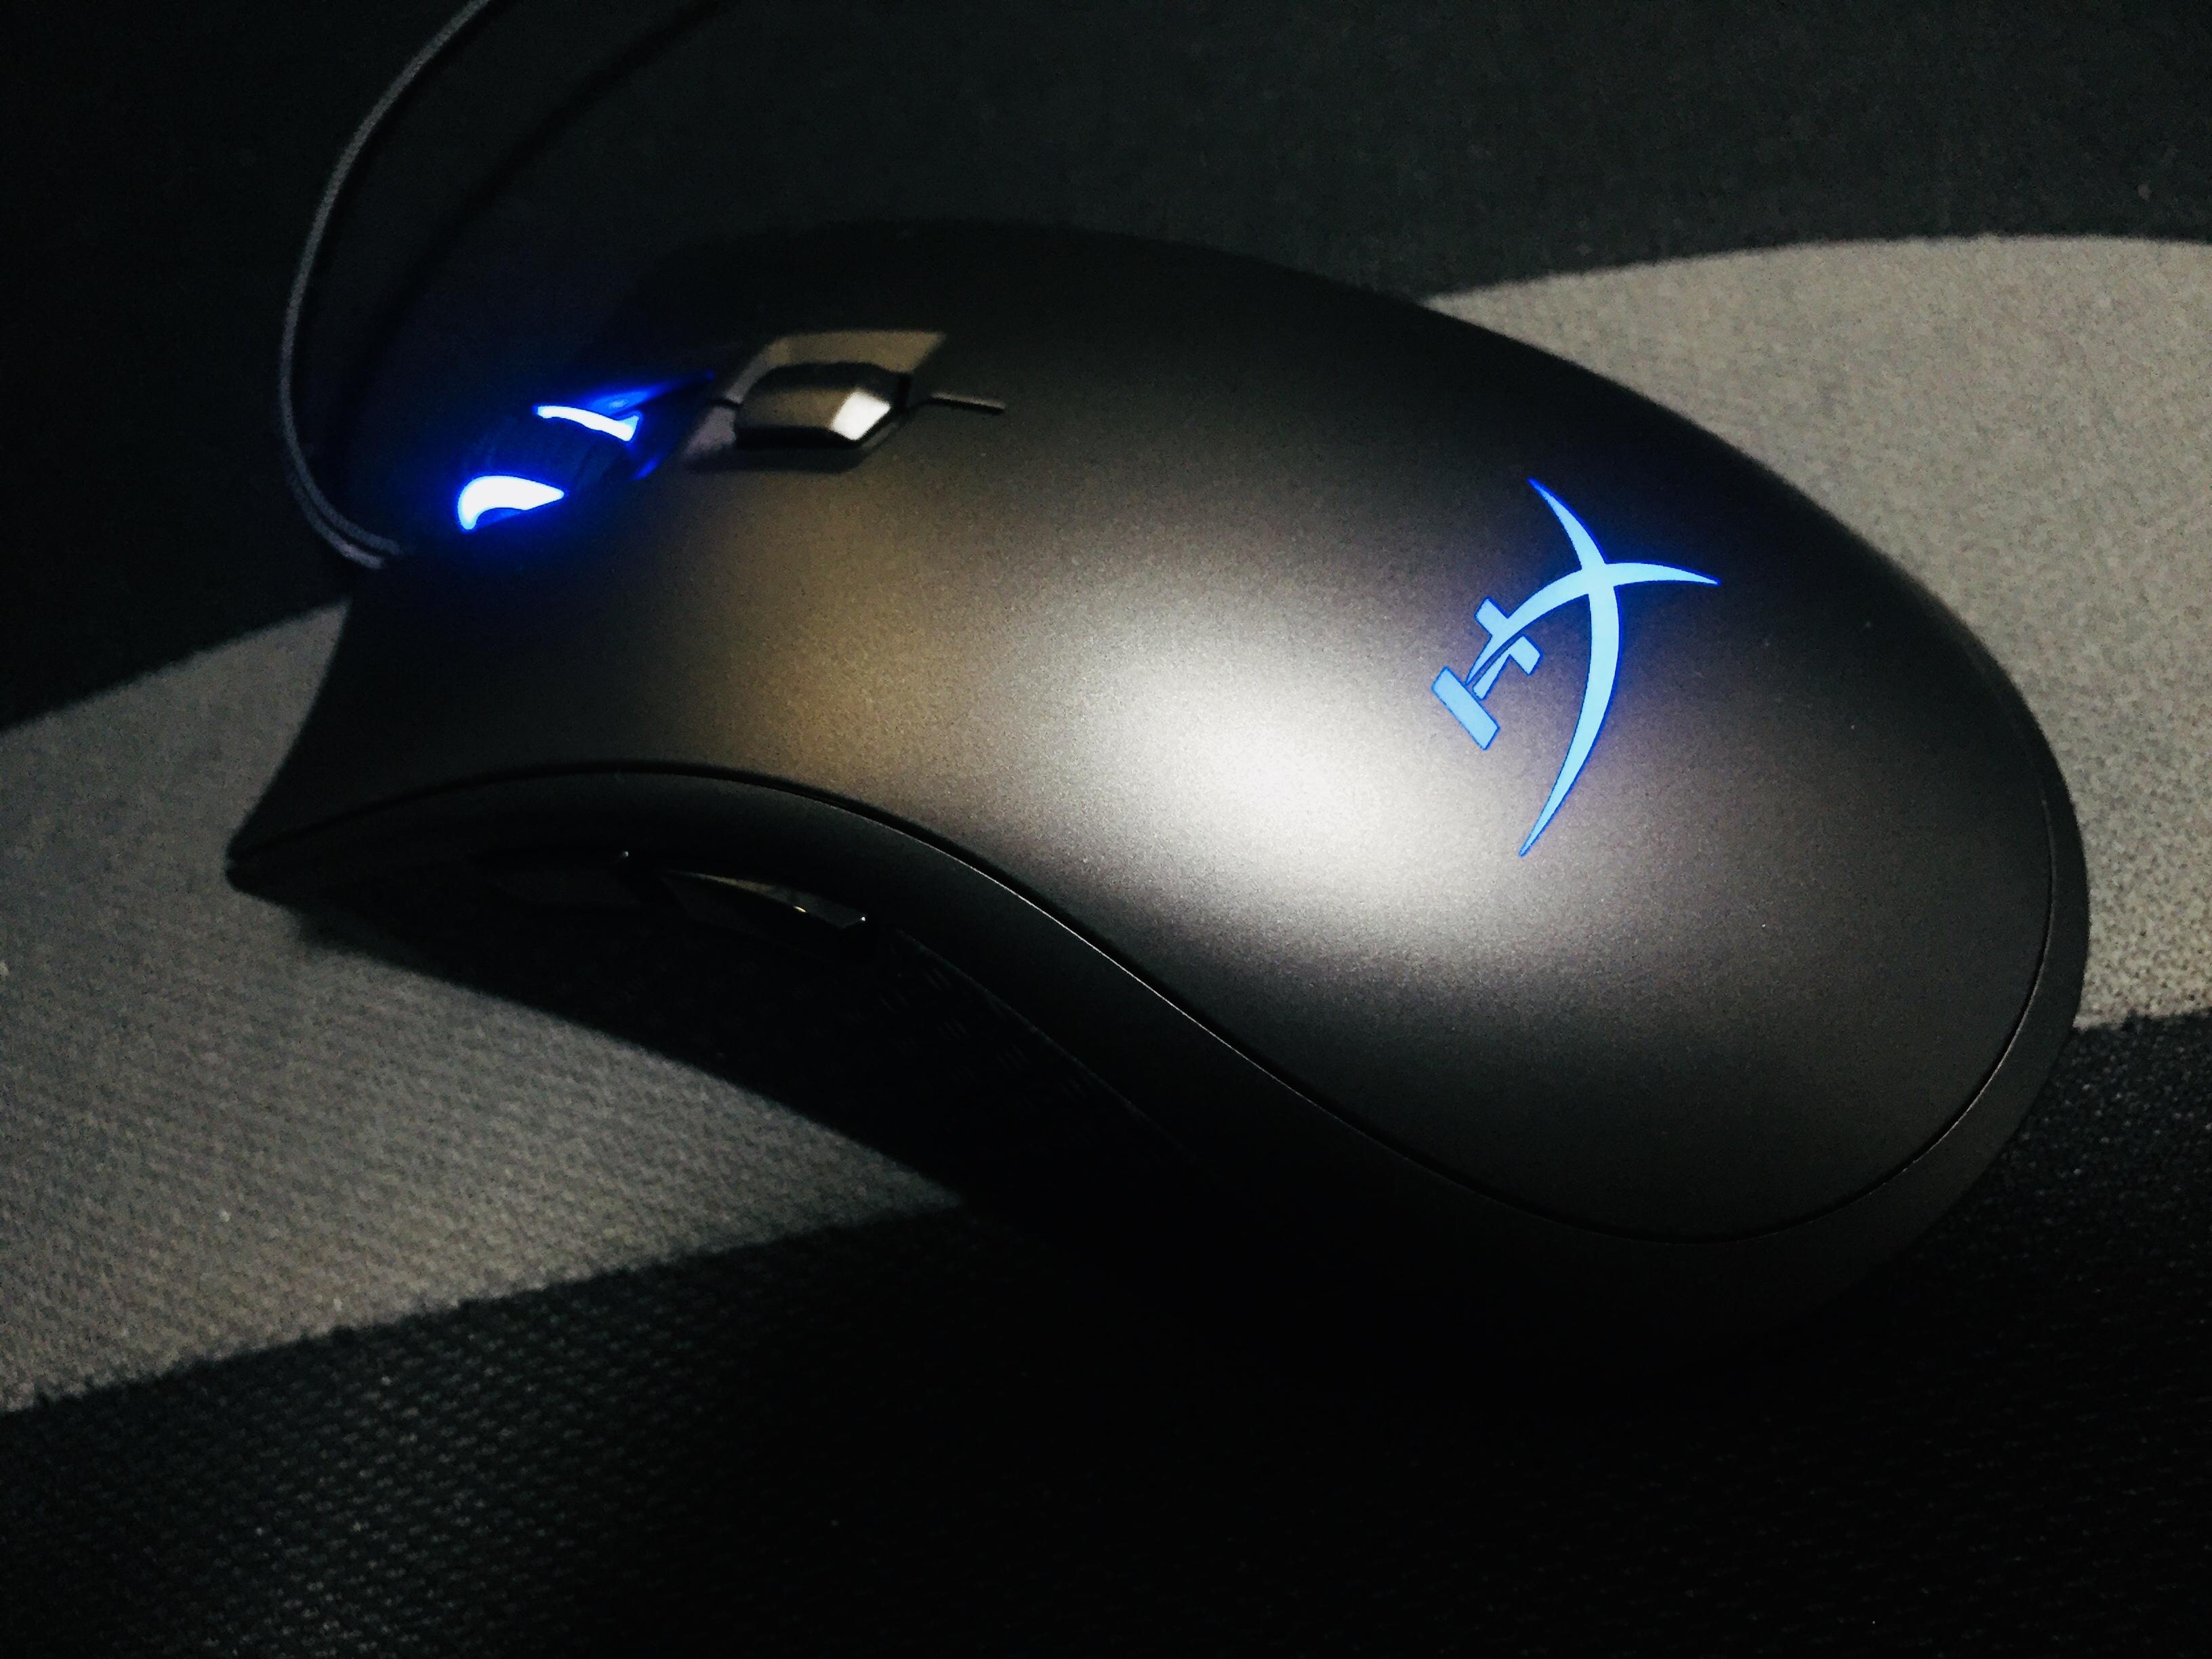 左右非対称ゲーミングマウス「HyperX Pulsefire FPS Pro」レビュー。手のサイズが標準~大きめの方に最適なIE3.0クローン機